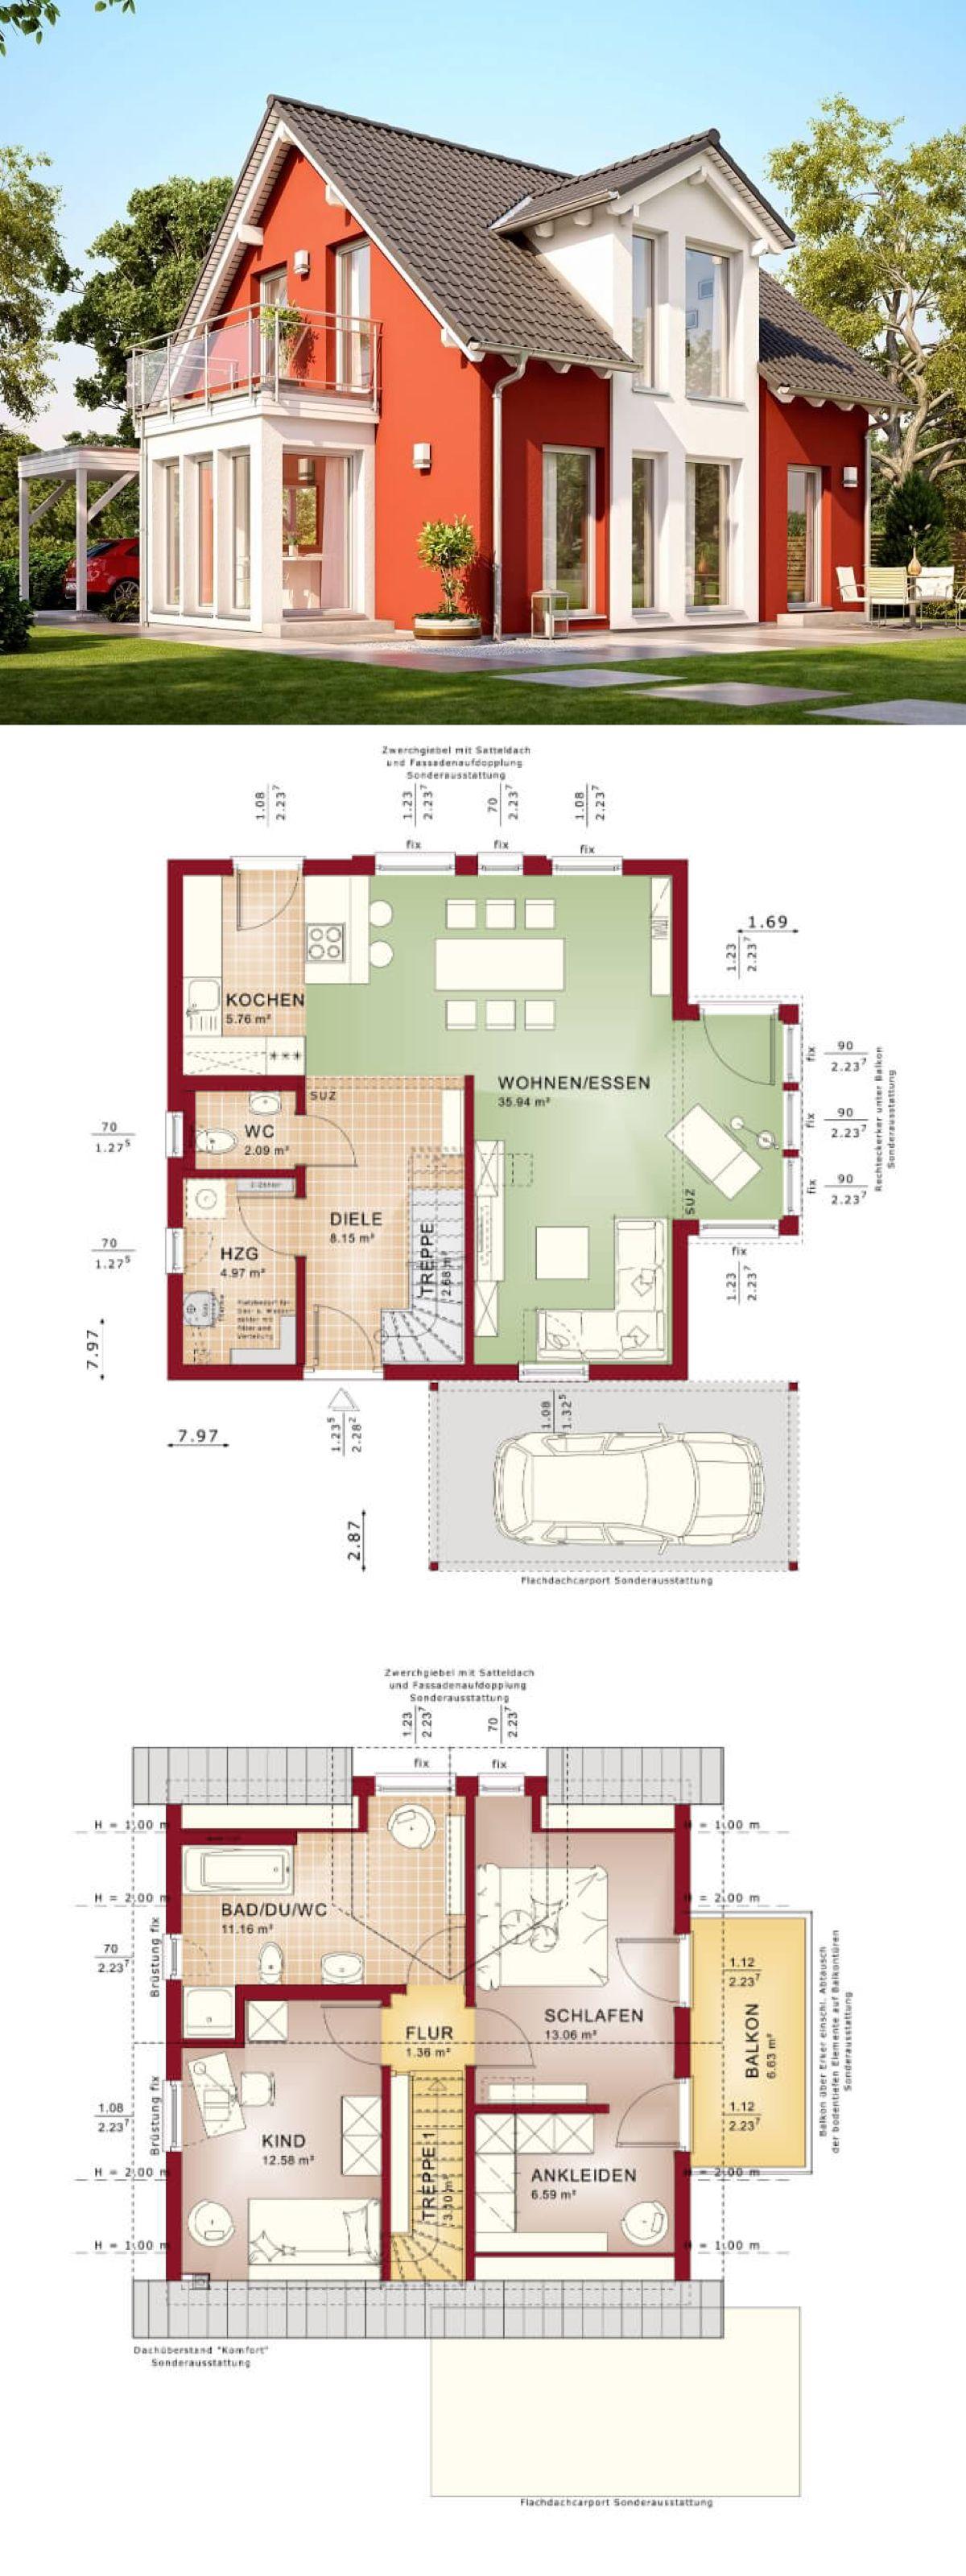 Einfamilienhaus Architektur Mit Satteldach Und Zwerchgiebel Putz Fassade Farbe Rot Carport Und Erker Anbau Grun Einfamilienhaus Putz Fassade Haus Grundriss